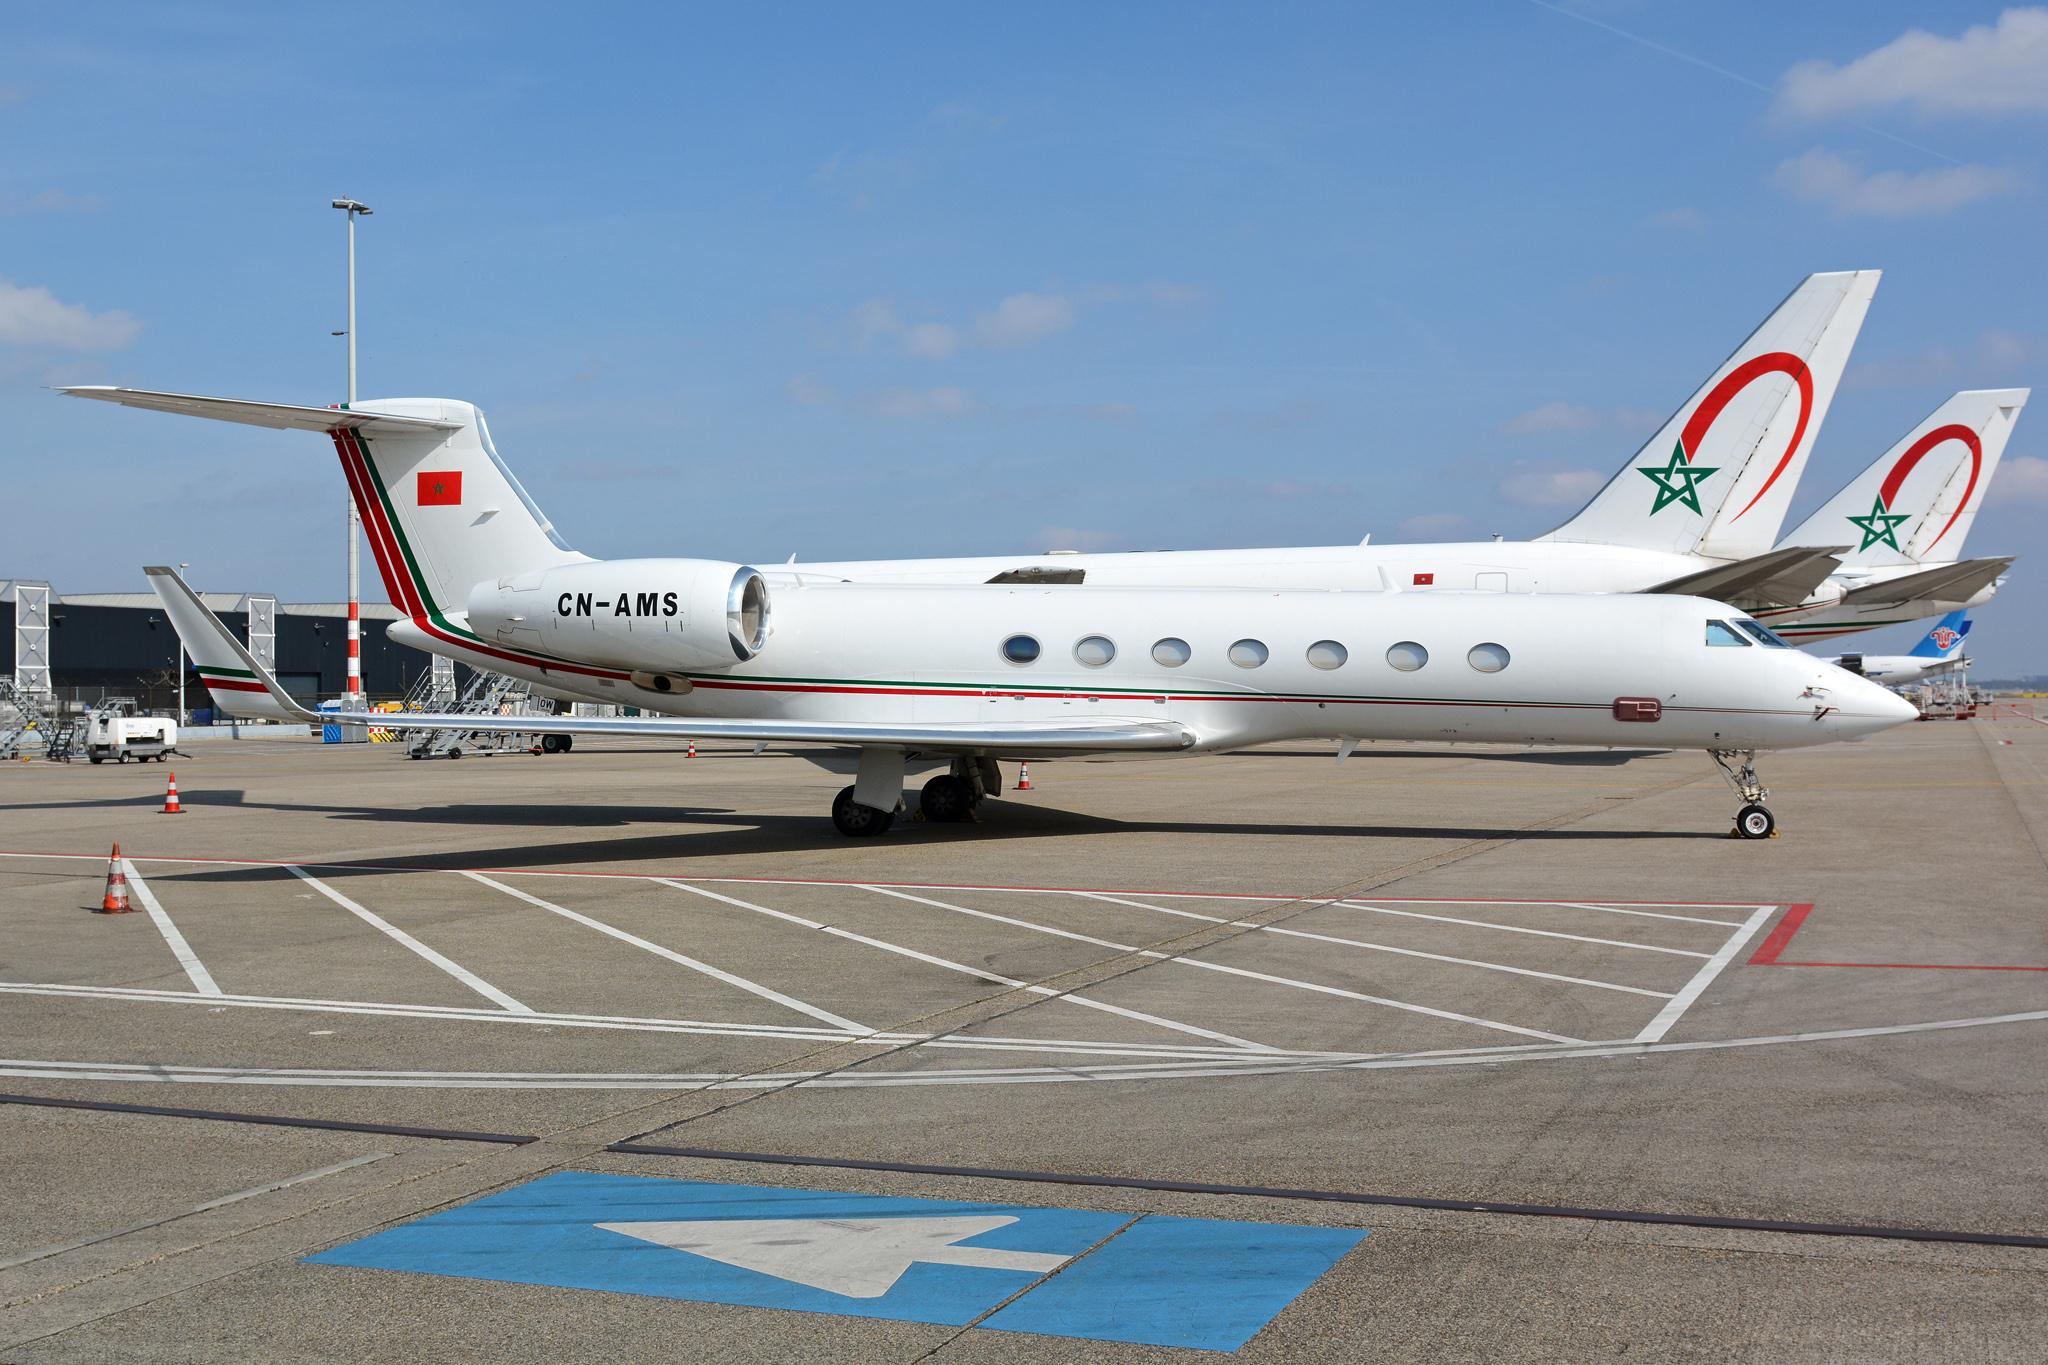 FRA: Avions VIP, Liaison & ECM - Page 12 25959160682_4c576c68f5_o